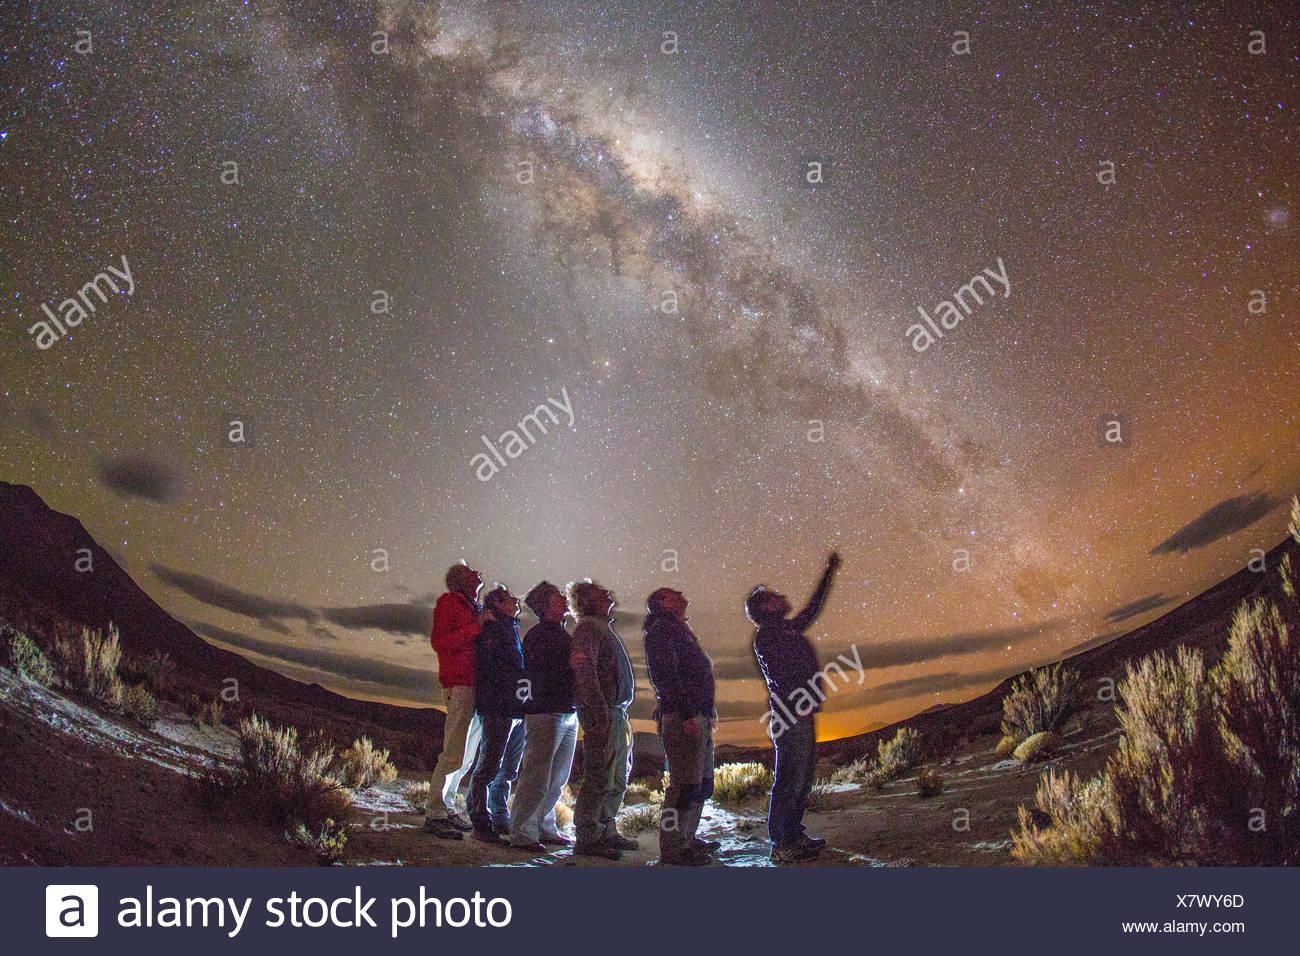 Star sky, Bolivia Imagen De Stock